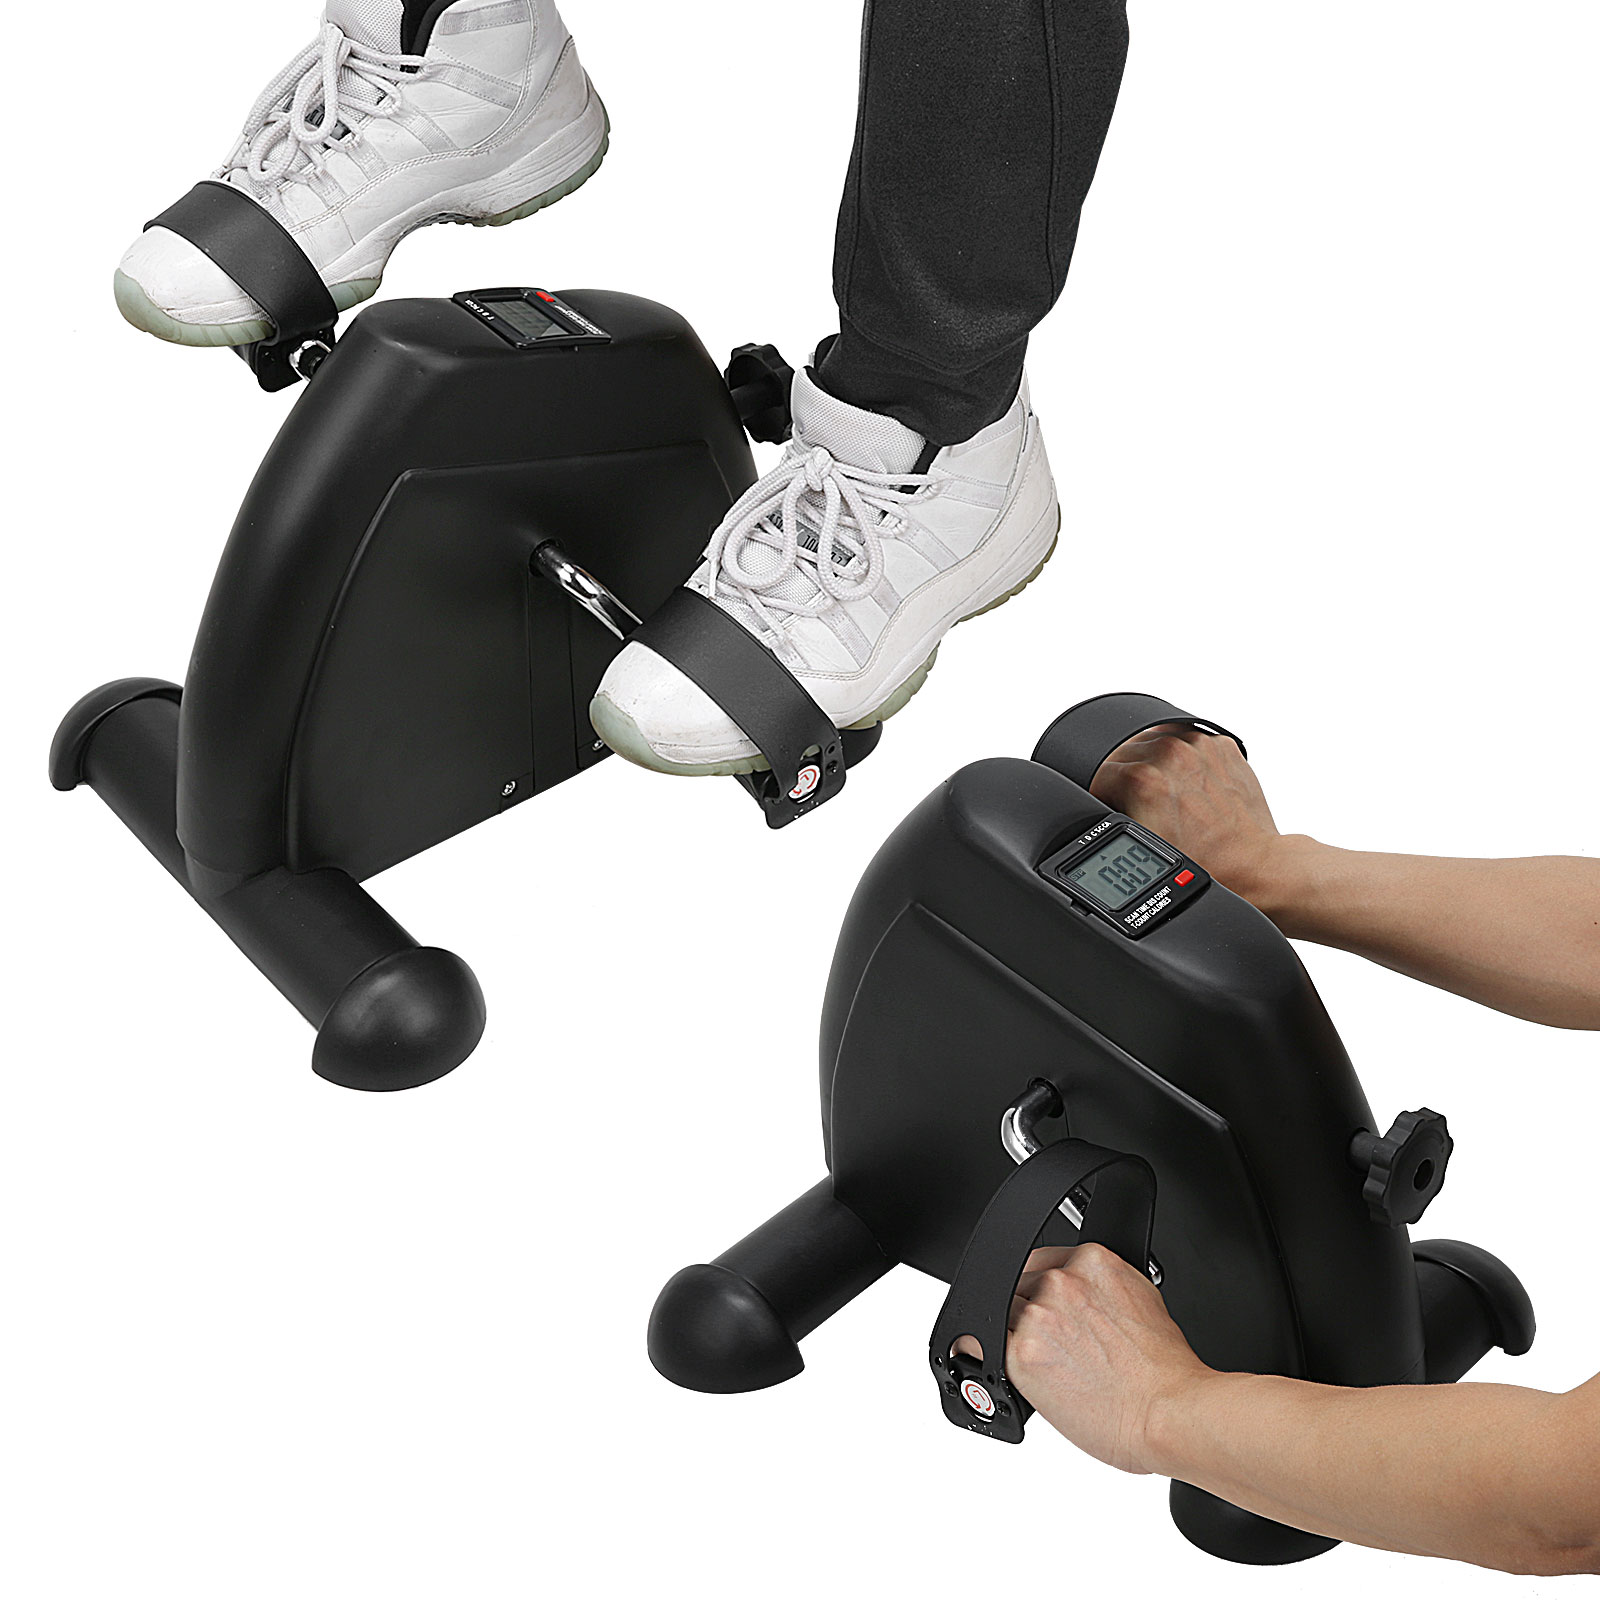 Велостанок своими руками — 2 варианта: роллерный и трейнер, какой из них лучше, как выбрать ролики или подставку для велосипеда, а также программа тренировок на нем